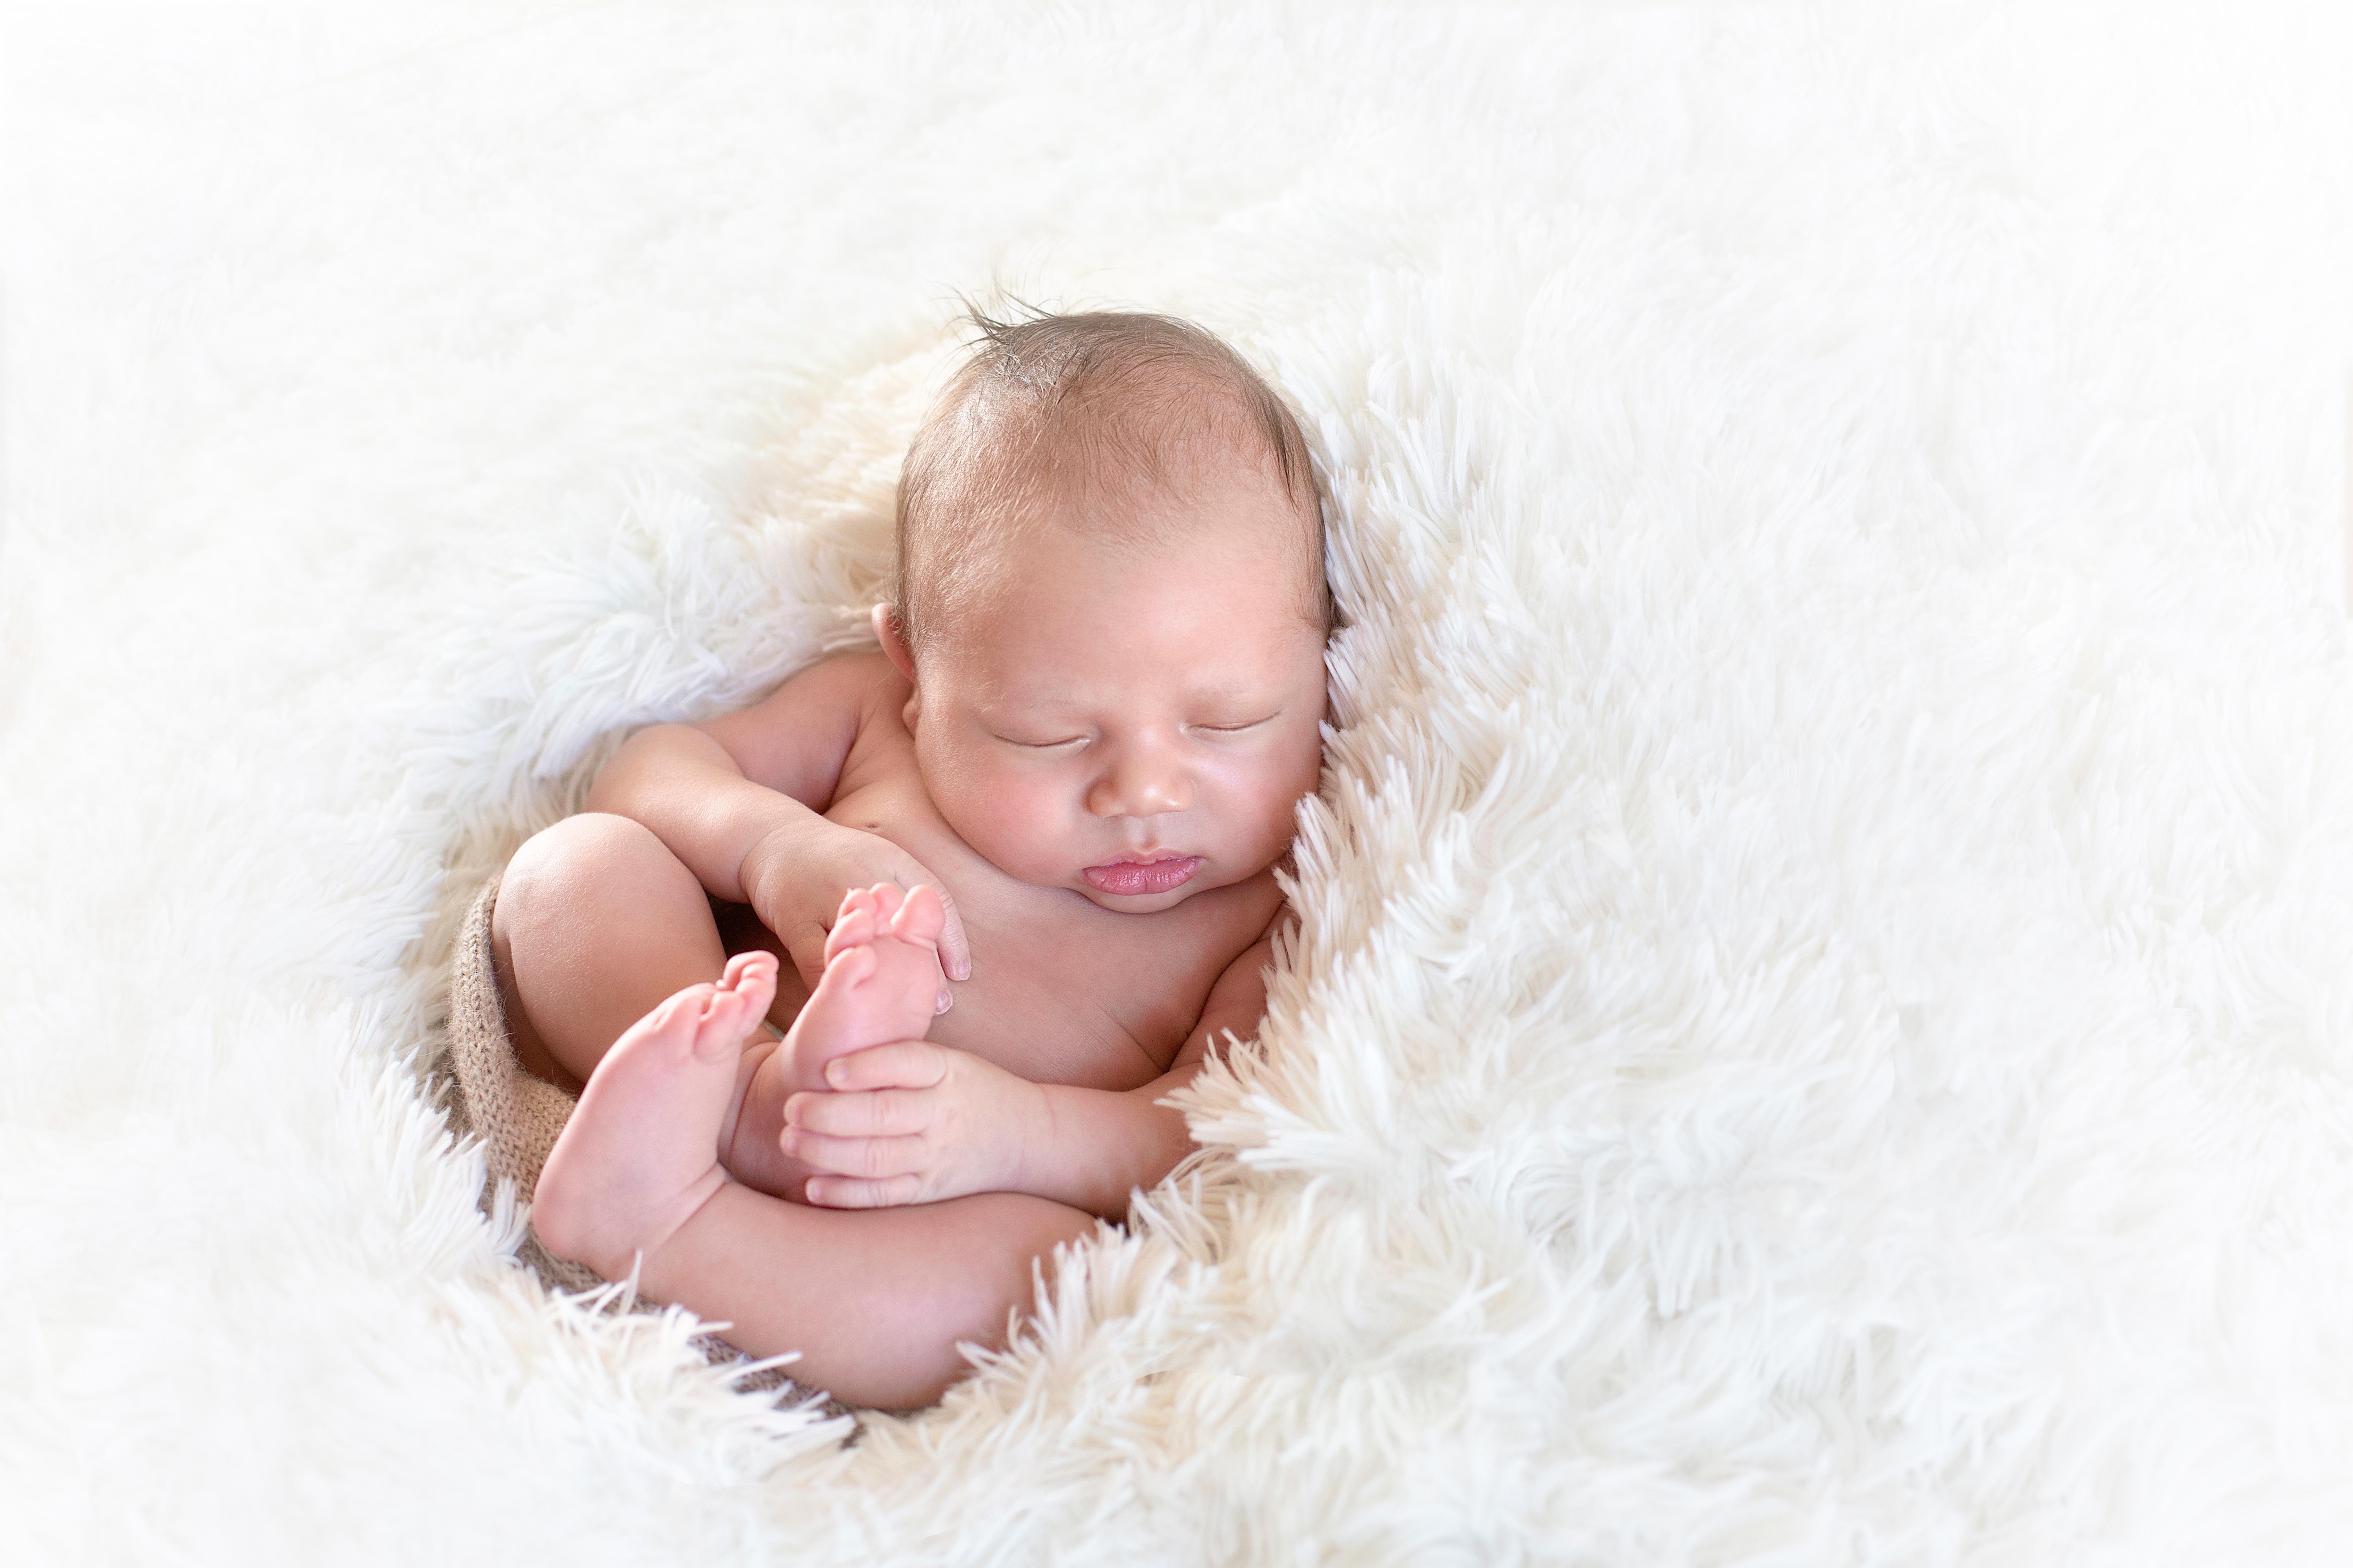 photographe-bebe-seance-personalisee-sur-mesure-experiences-nouveau-ne-paris